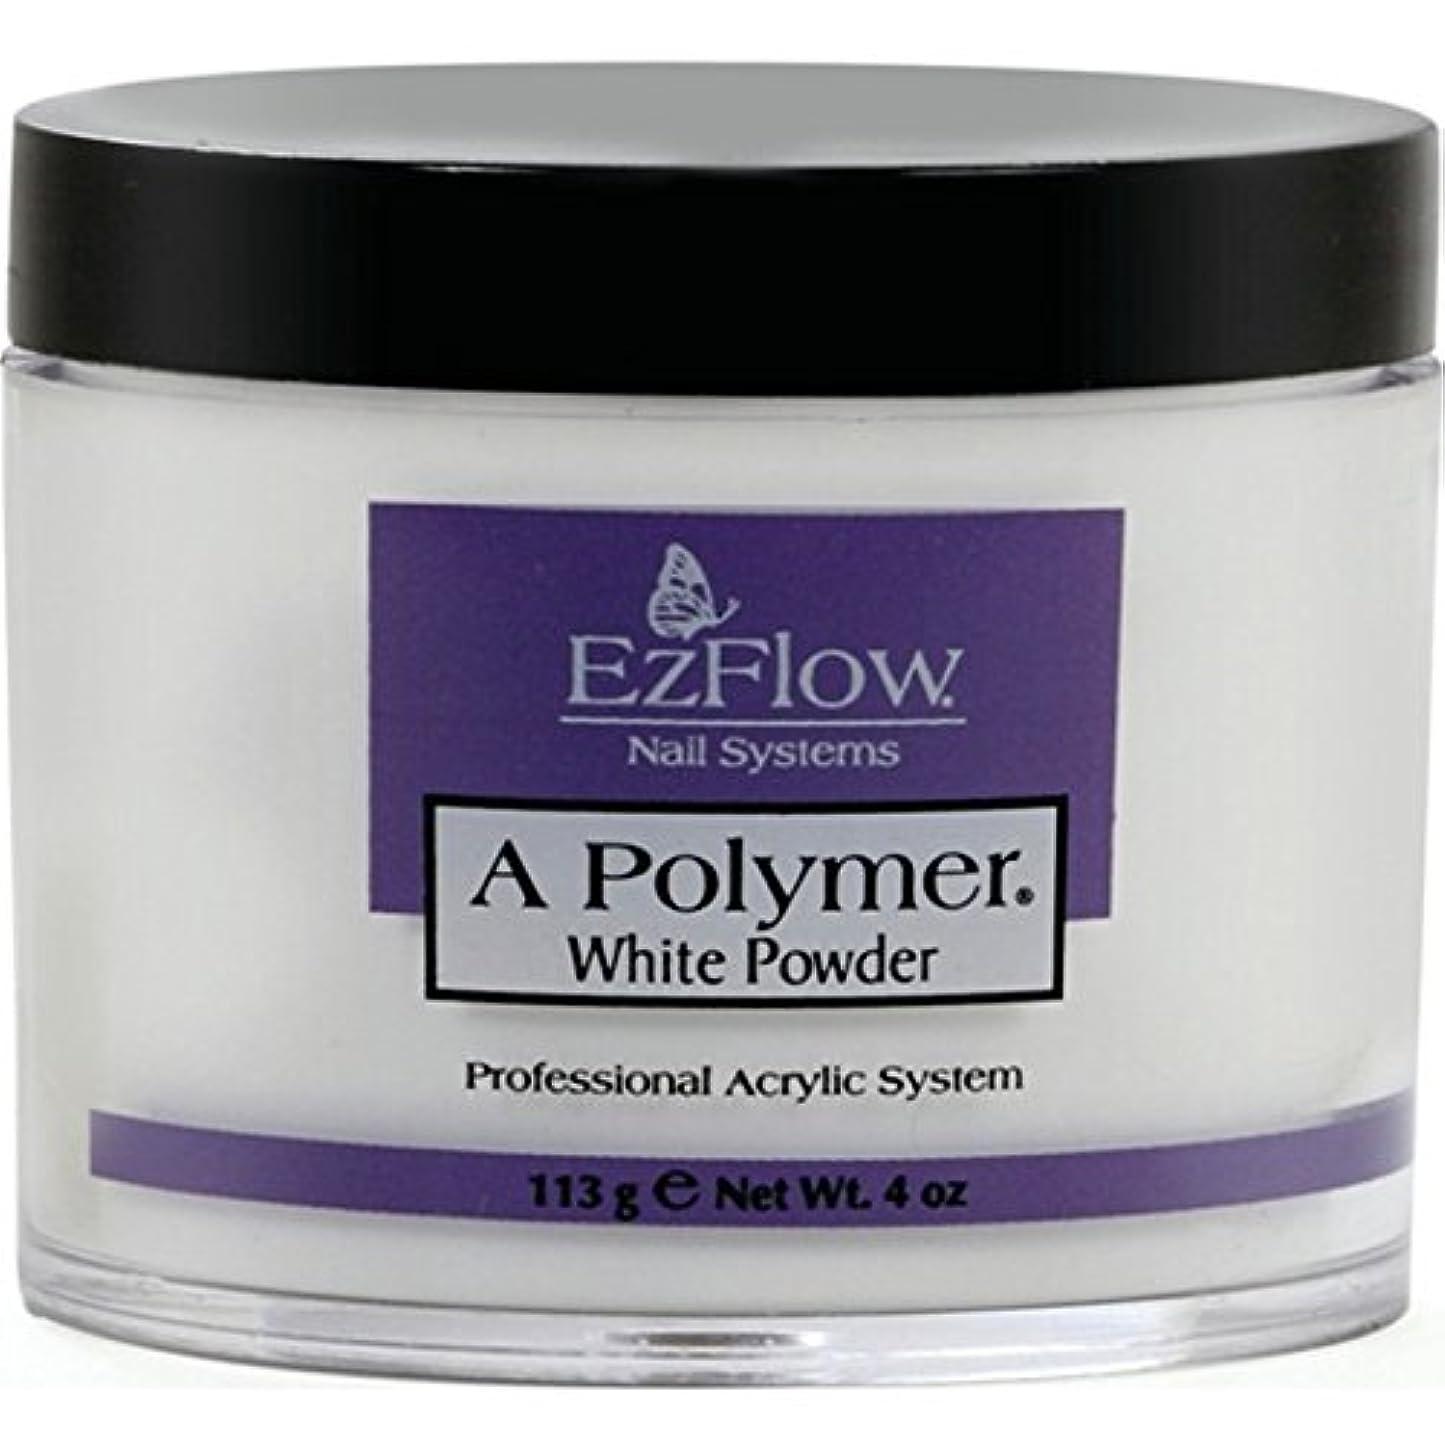 強化怖がって死ぬ適合するEz Flow Aポリマー ホワイト 4oz(約113)